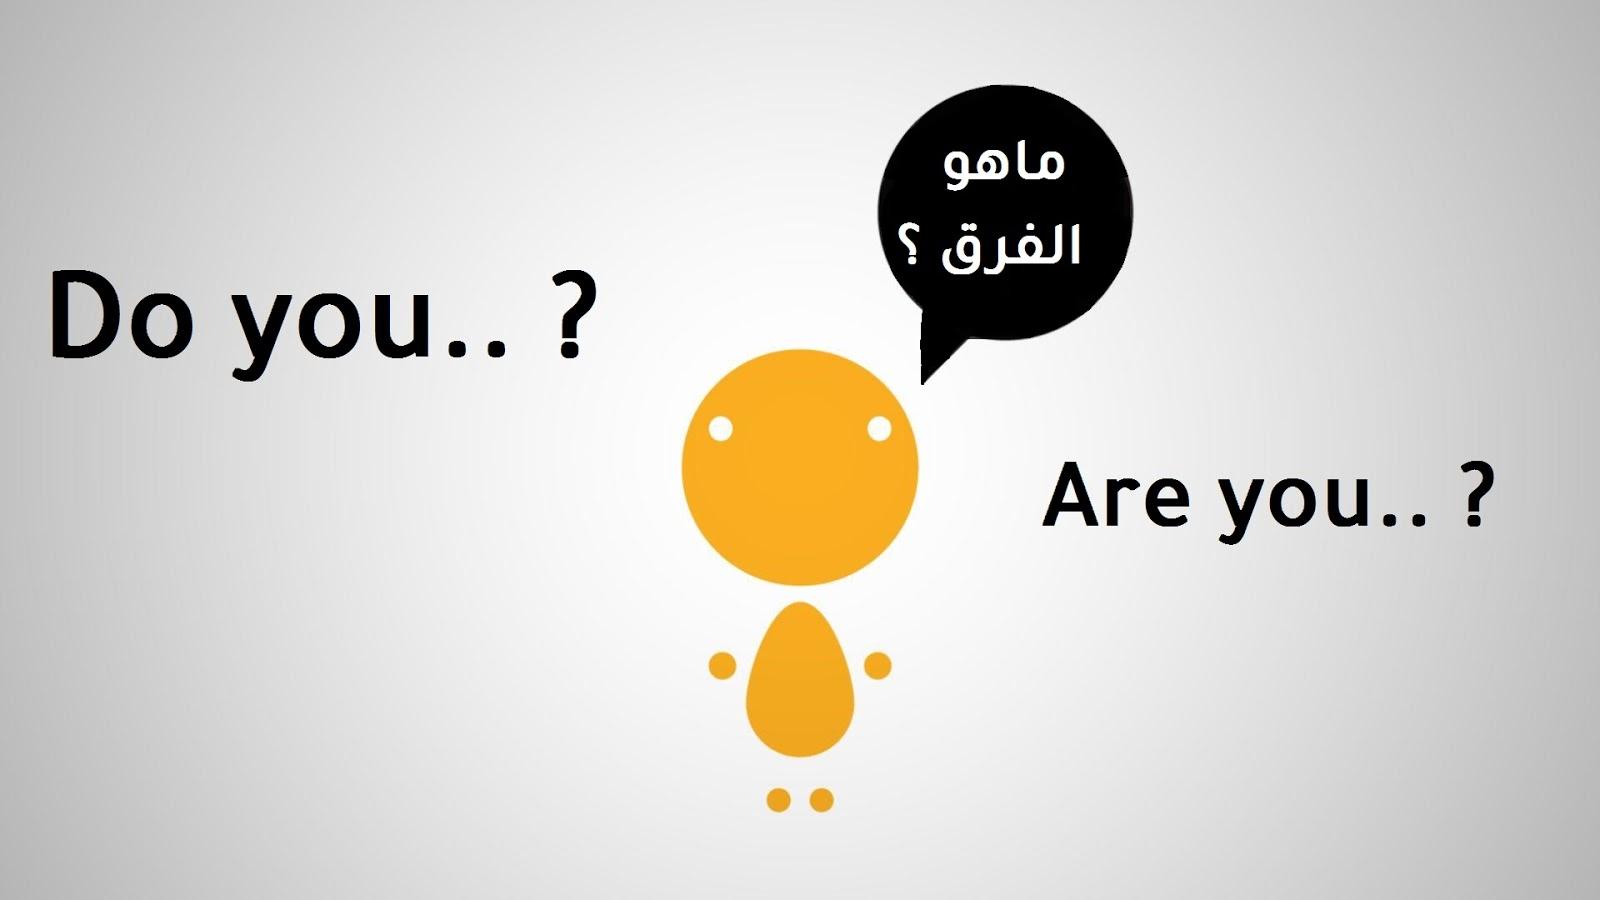 الفرق بين ..Do you و ..Are you في اللغة الانجليزية